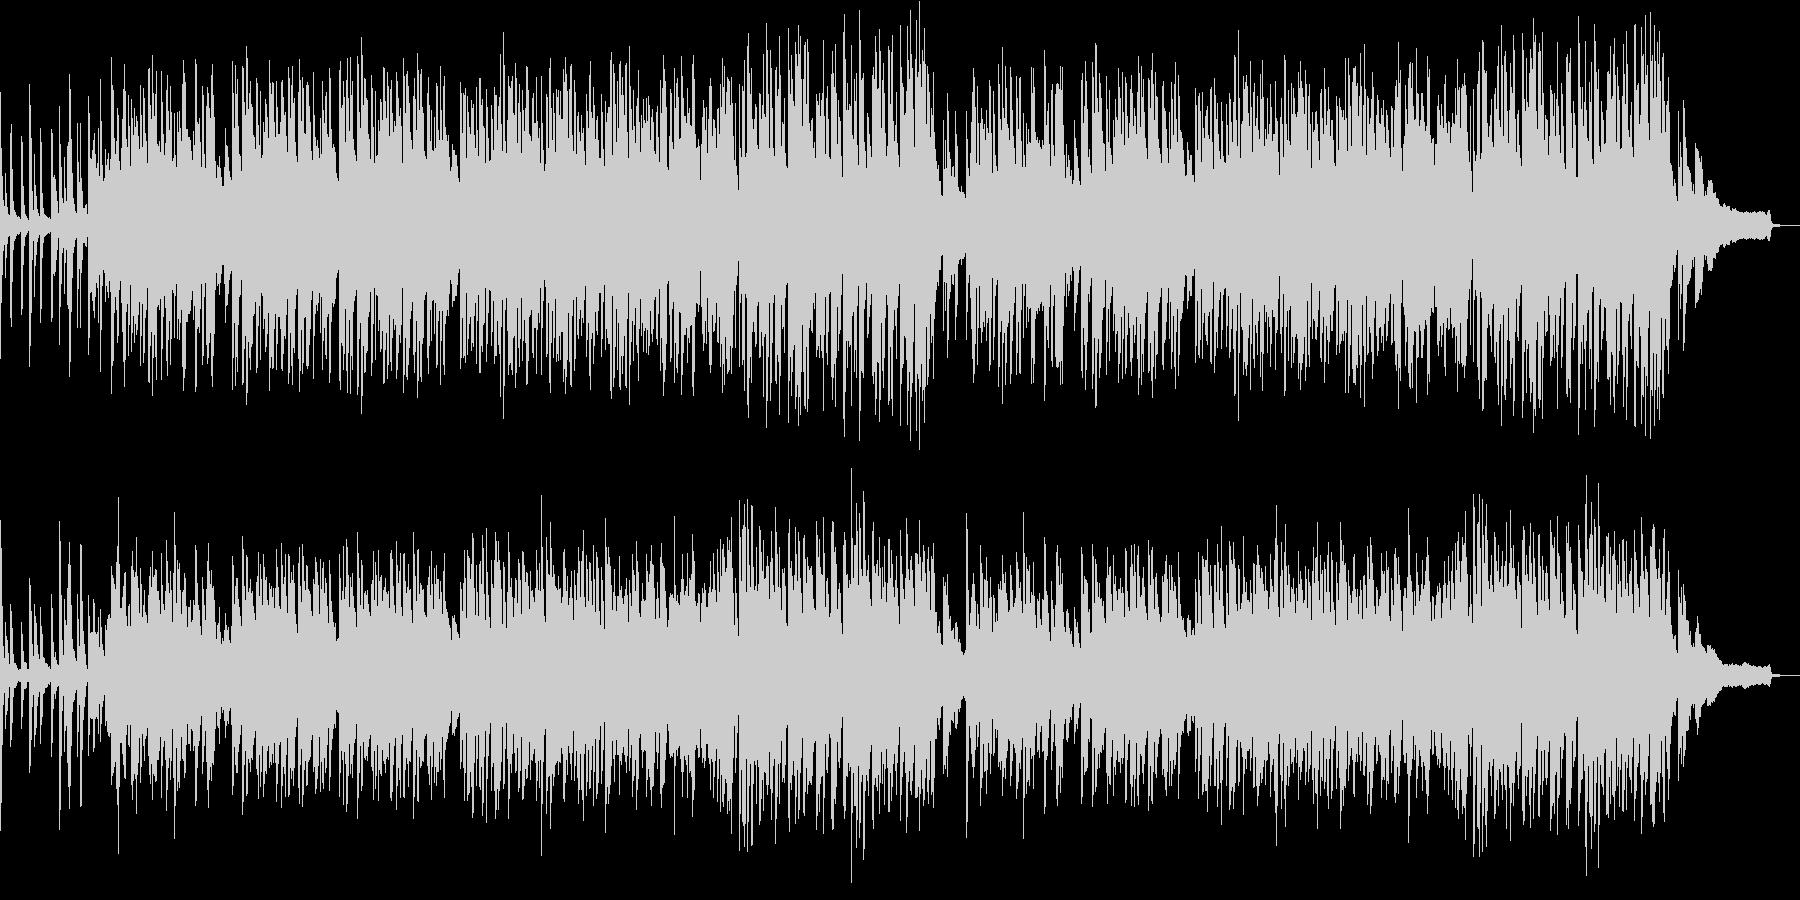 ポップなピアノ曲 の未再生の波形